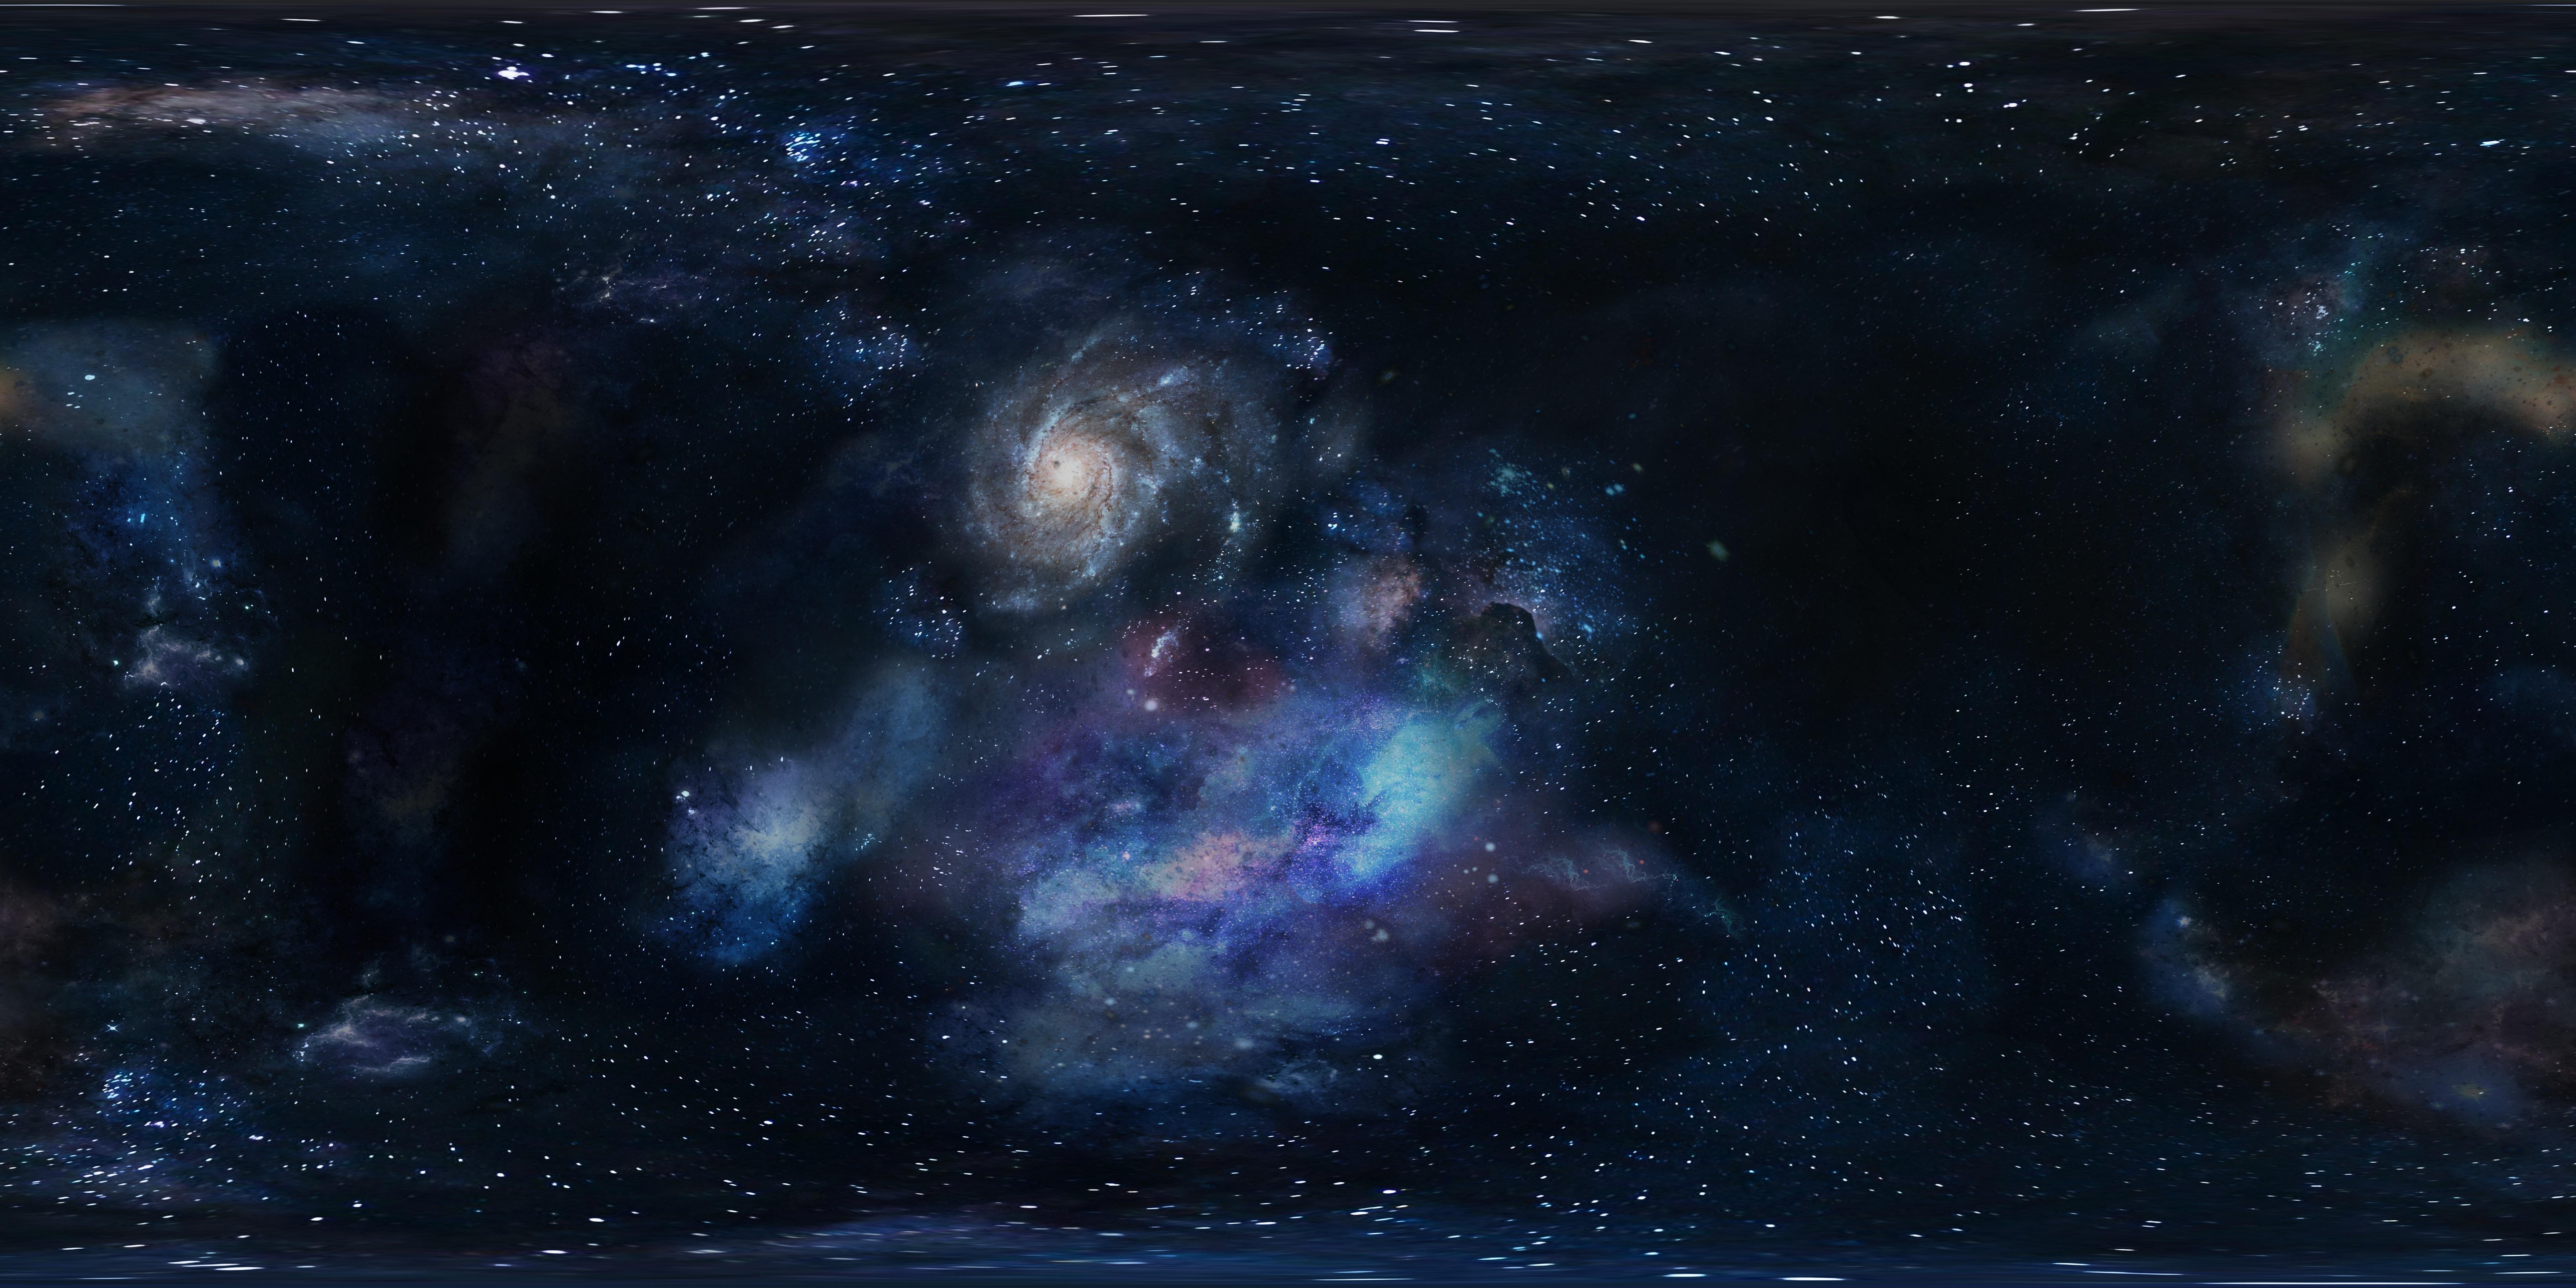 65850 Hintergrundbild herunterladen Universum, Sterne, Galaxis, Galaxy, Platz, Raum - Bildschirmschoner und Bilder kostenlos